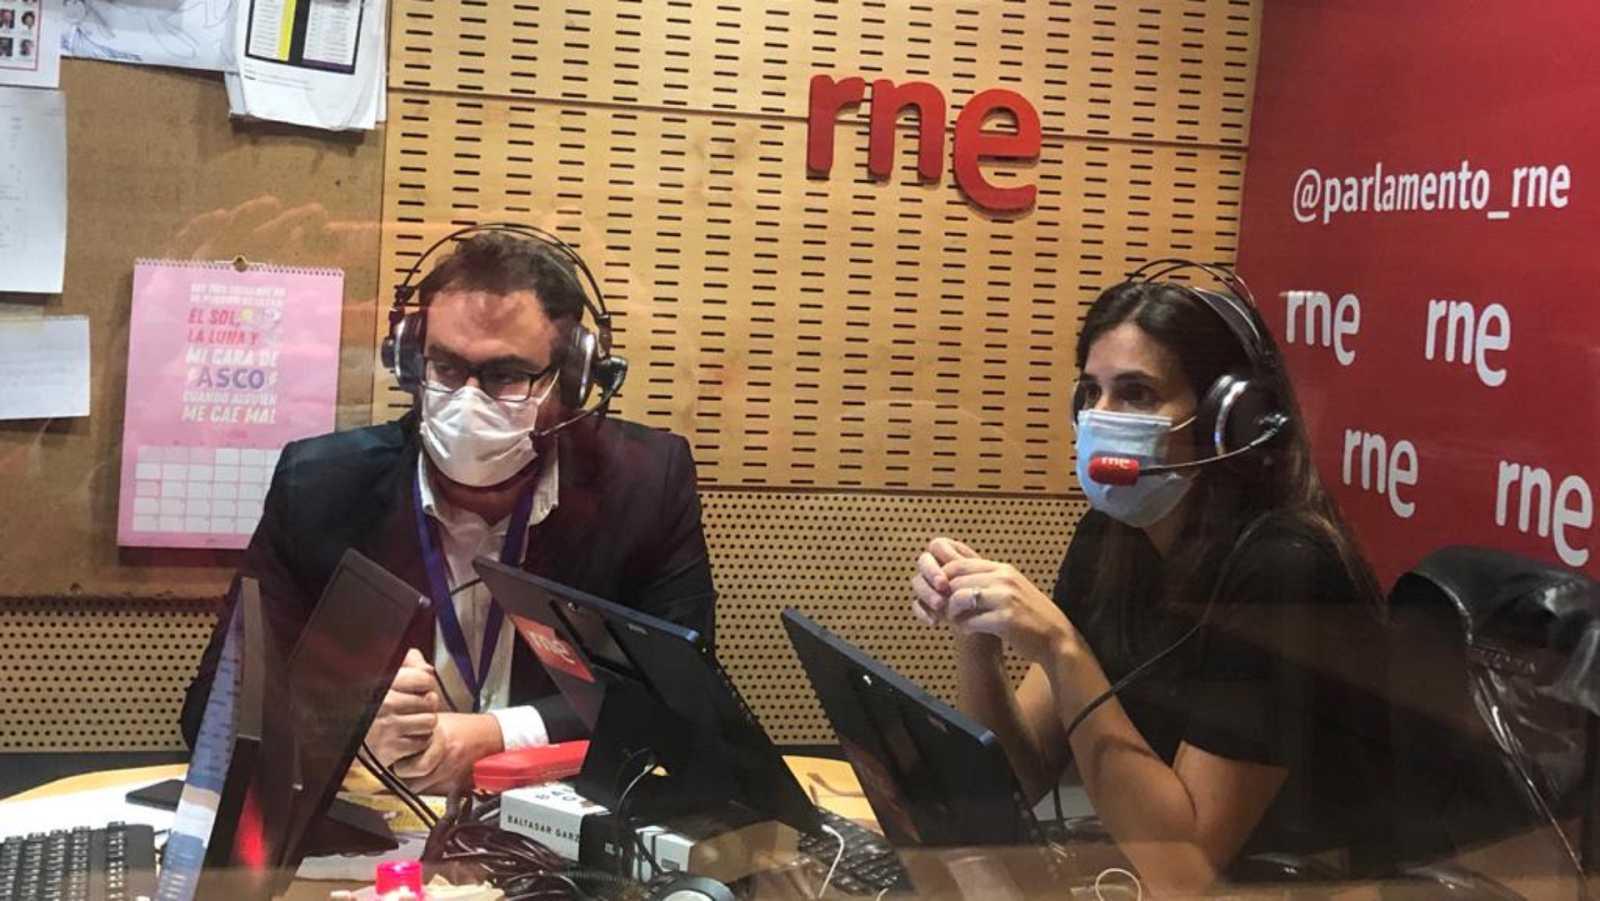 Parlamento - Radio 5 - 'La coalición frente a la pandemia' de María Llapart y José Enrique Monrosi - Escuchar ahora